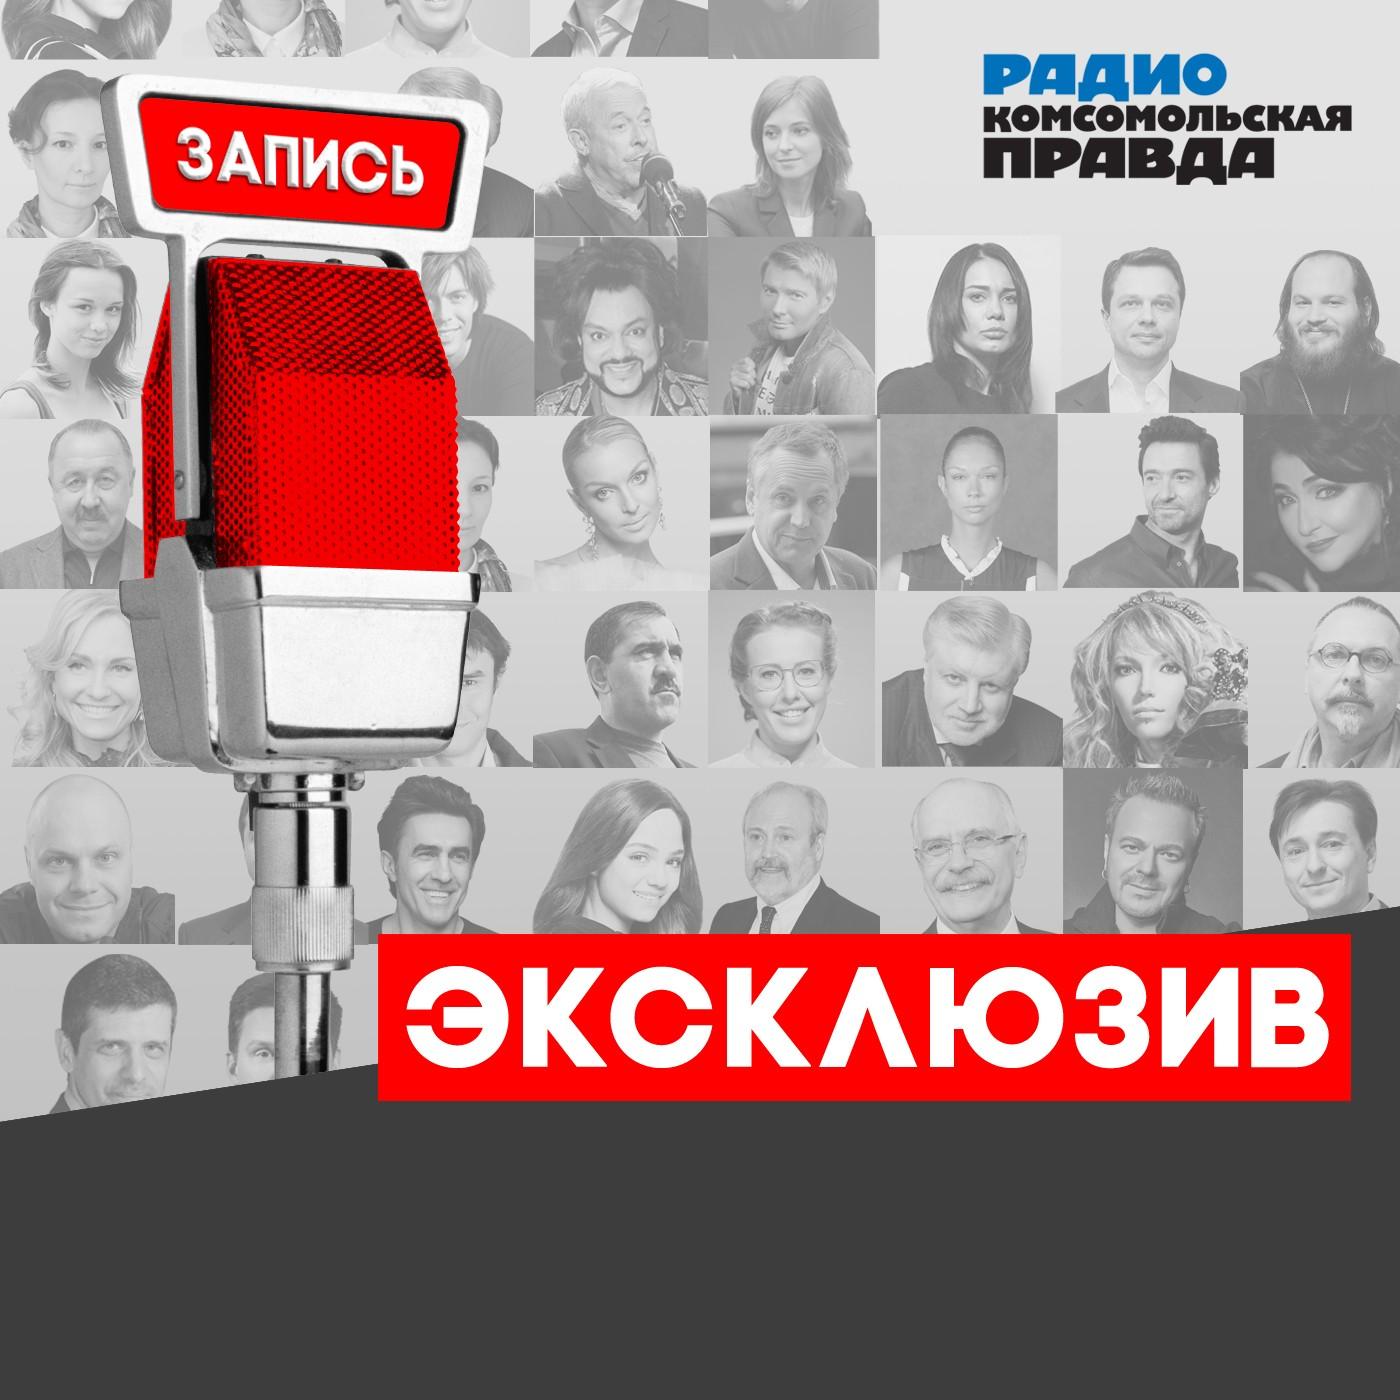 Радио «Комсомольская правда» Дмитрий Стешин.